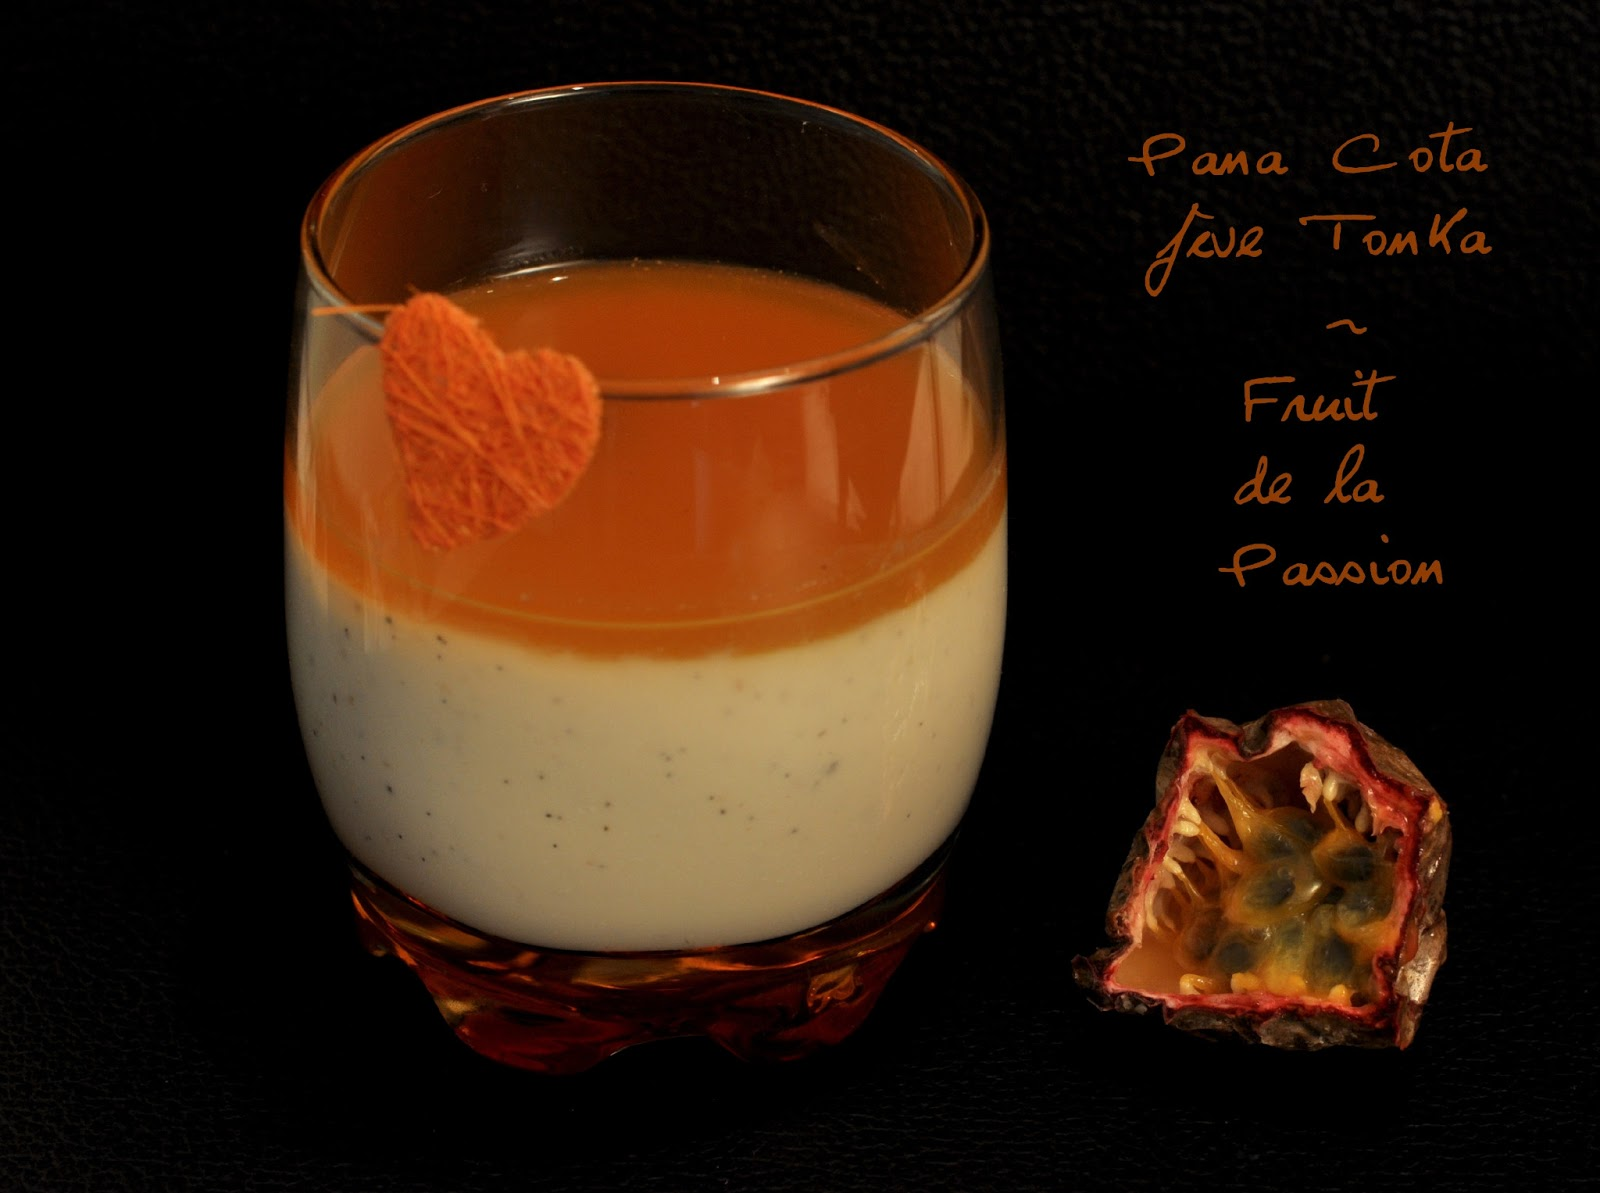 Pana Cota fève Tonka & Fruits de la Passion